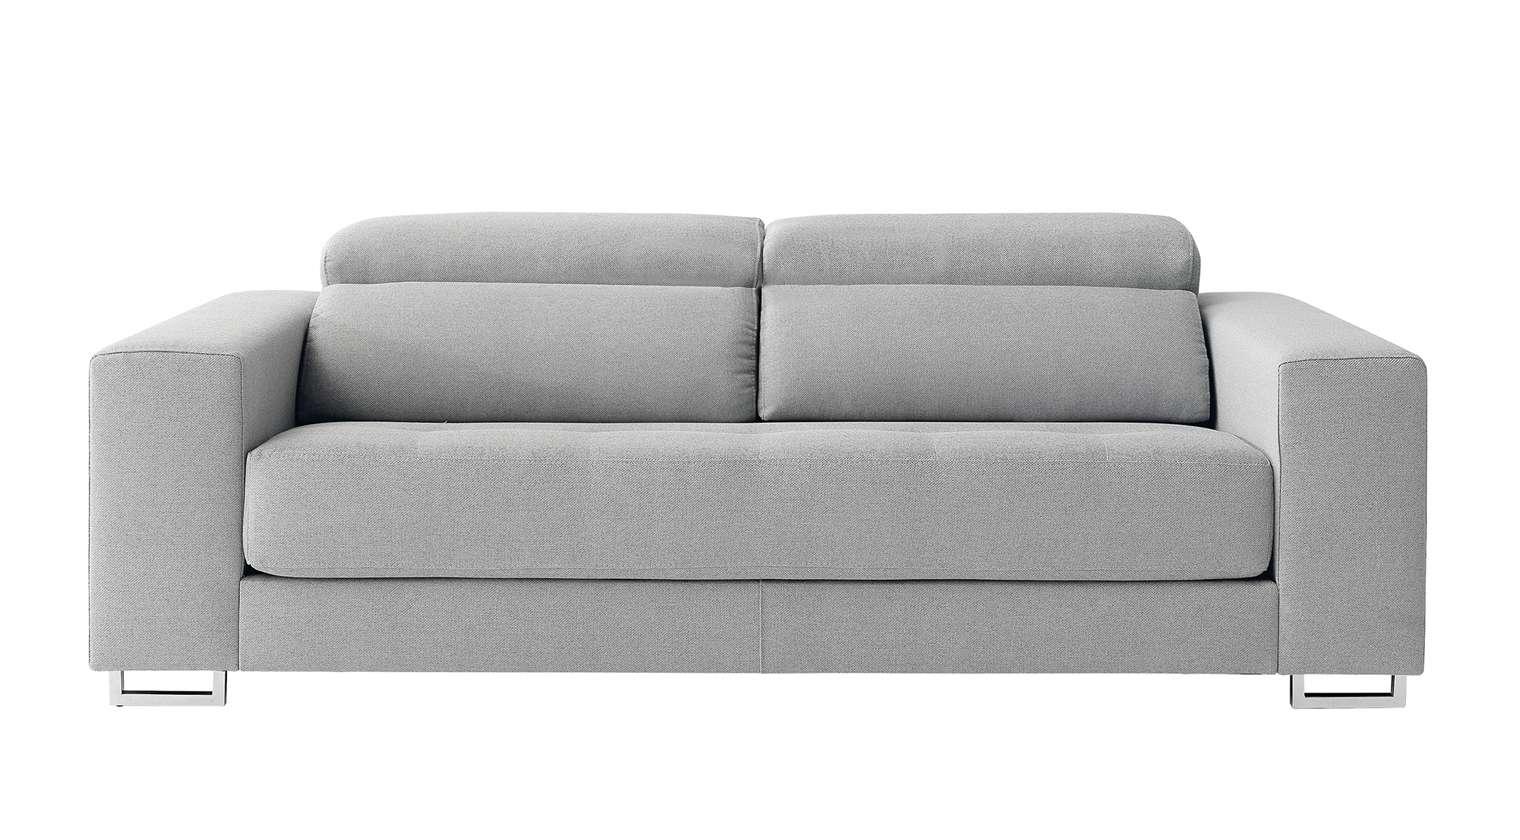 Tela sofa E6d5 sofà Tela Venus Fas De Tela